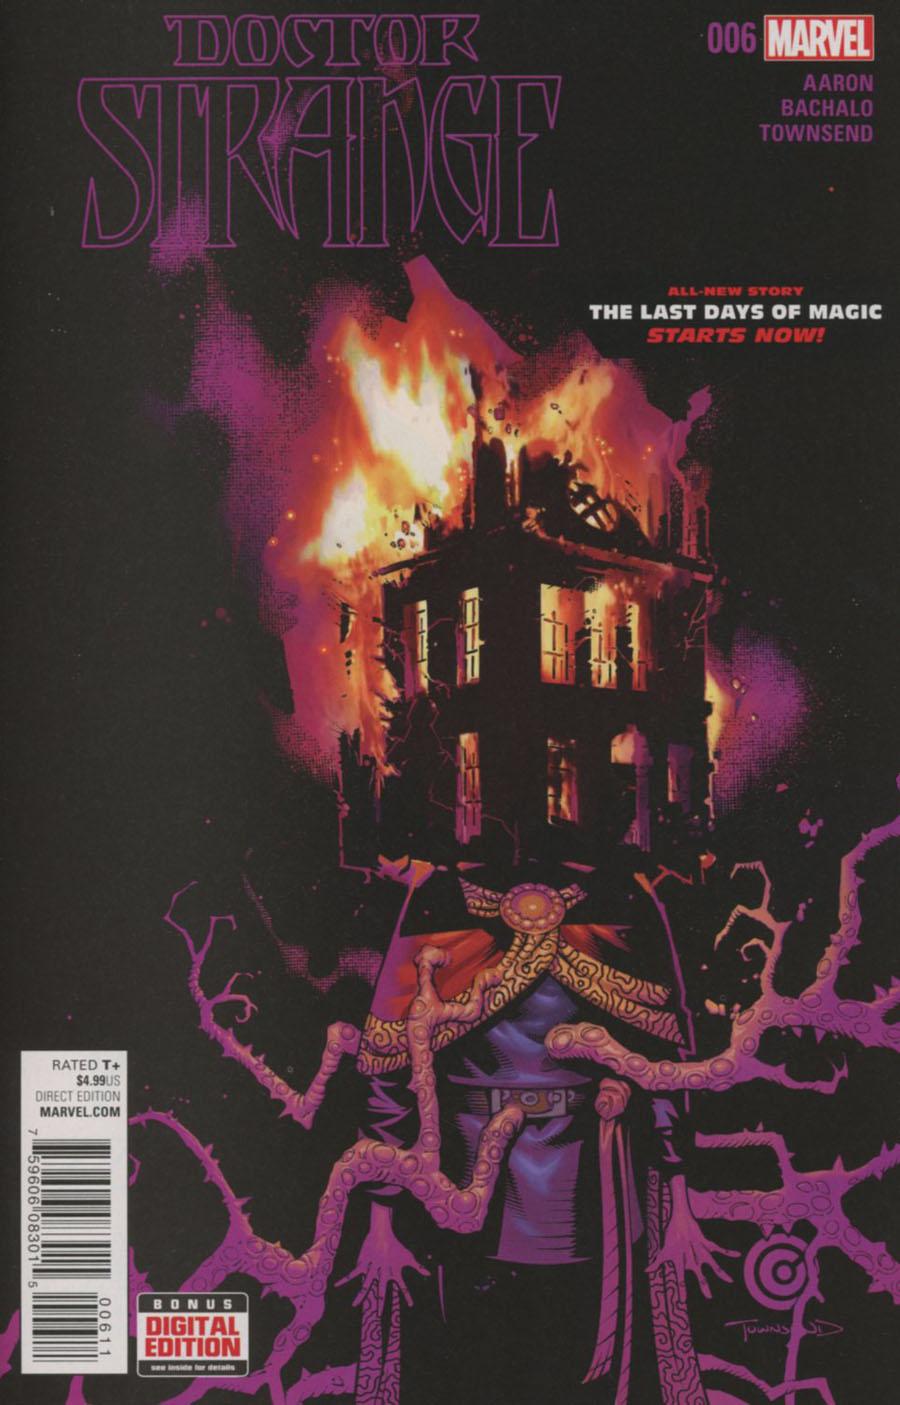 Doctor Strange Vol 4 #6 Cover A 1st Ptg Regular Chris Bachalo Cover